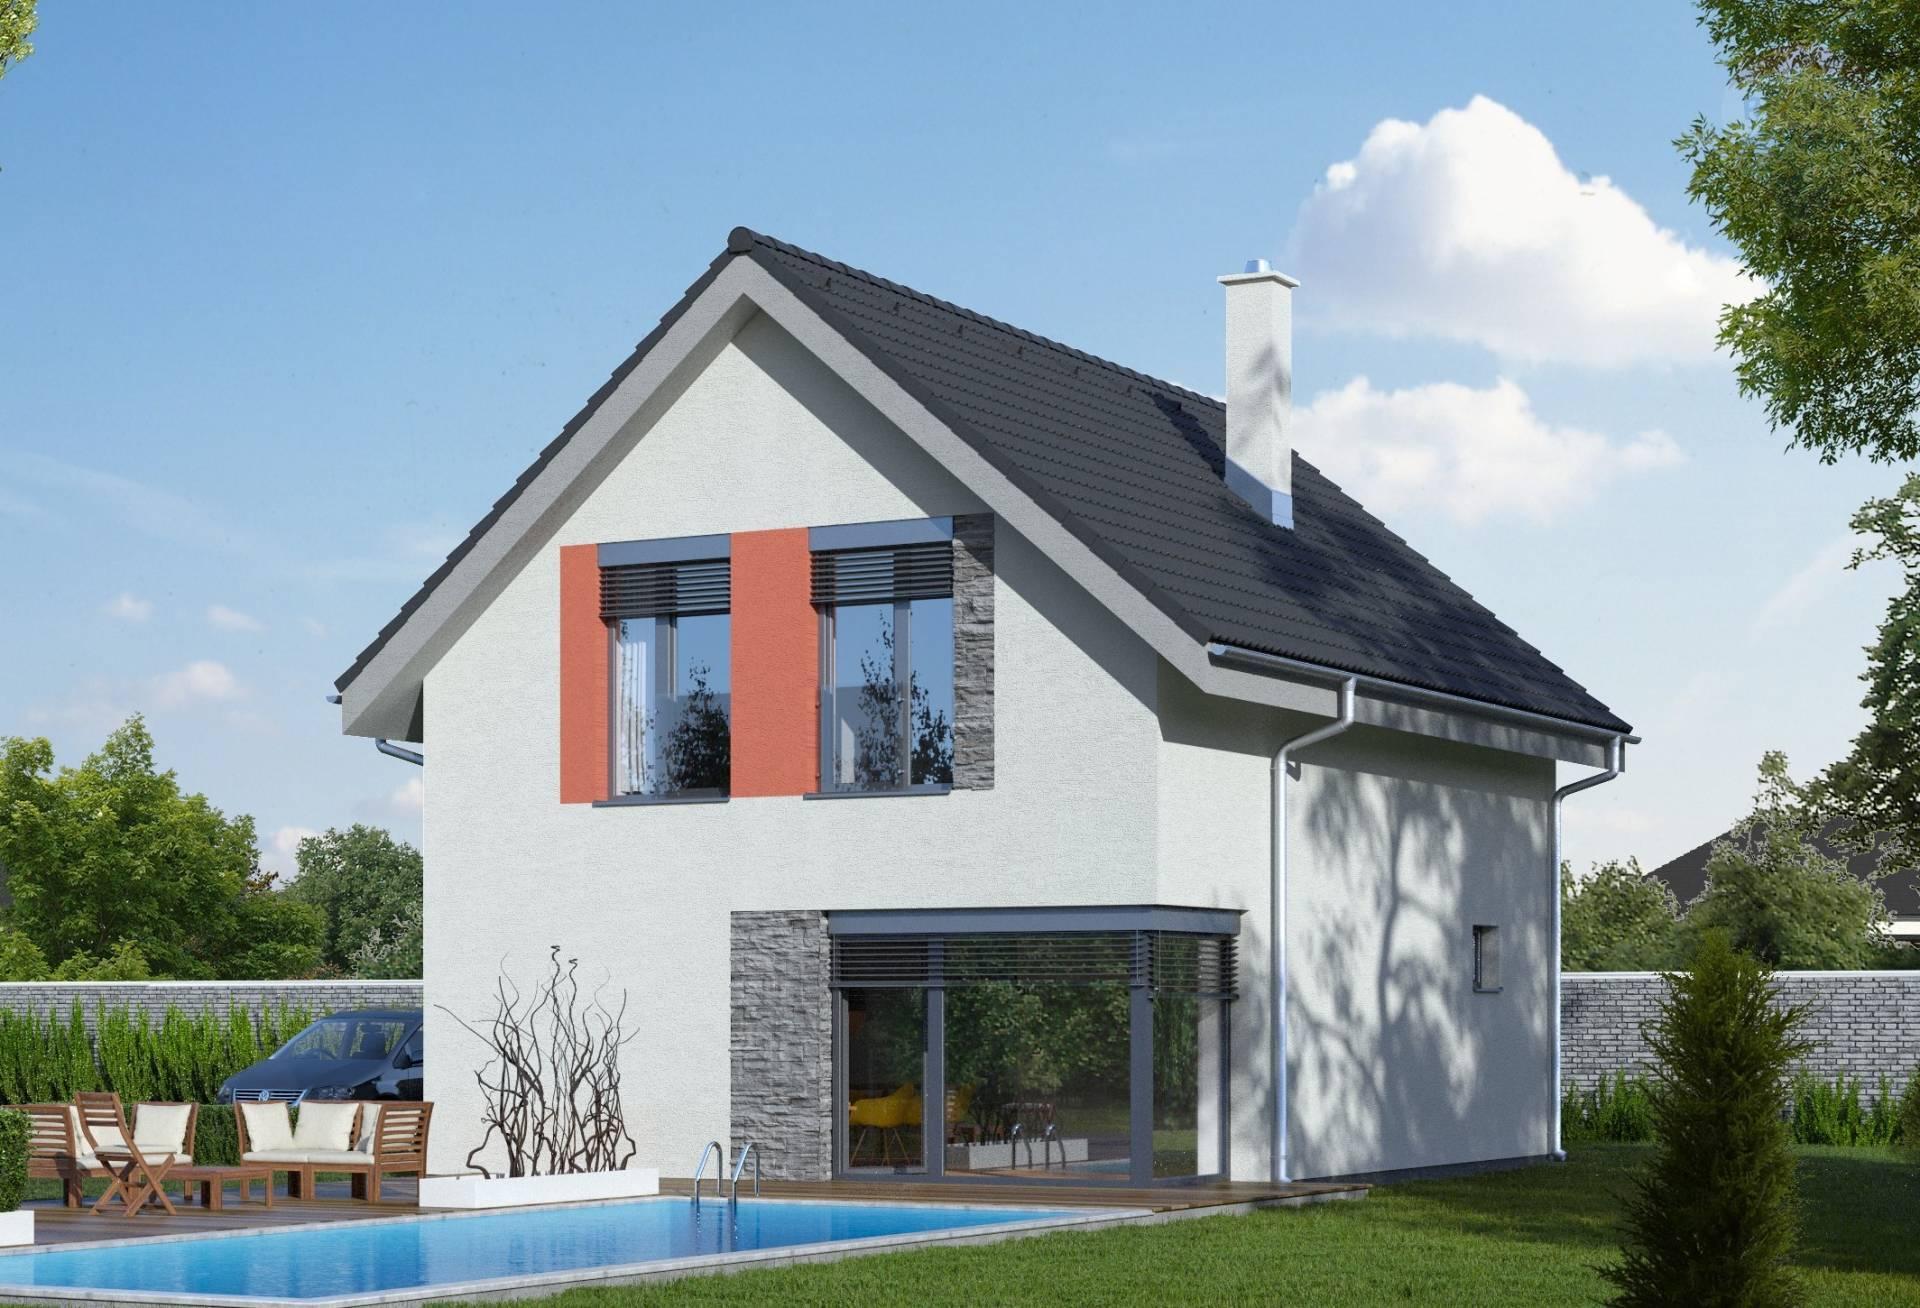 Predaj poschodového domu novostavba Veľký Lapáš 102 m2.